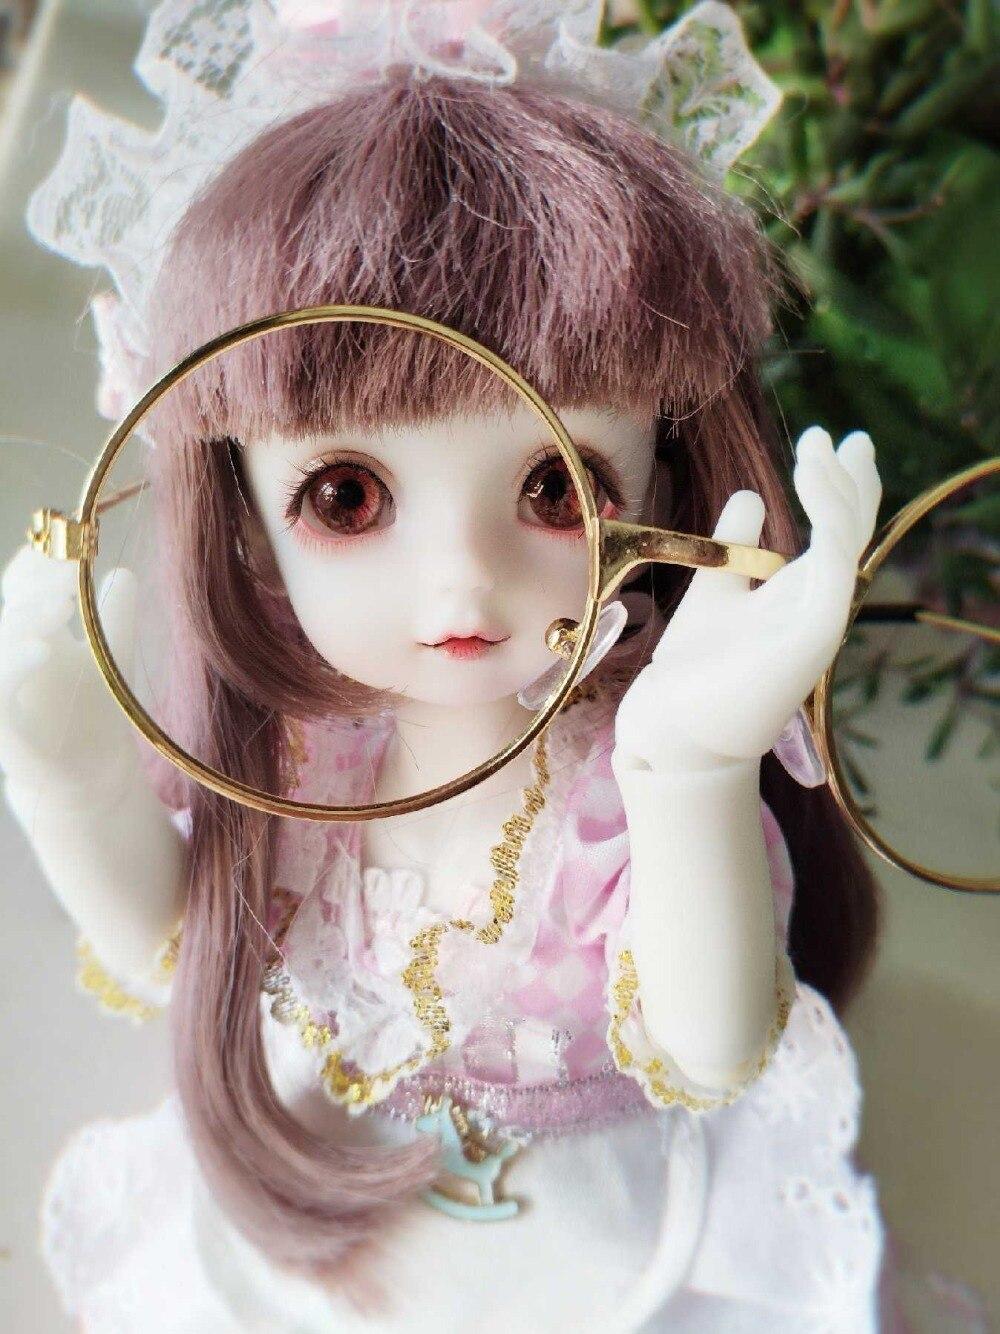 SD doll Nine9 style bjd doll 6 points pio basicSD doll Nine9 style bjd doll 6 points pio basic